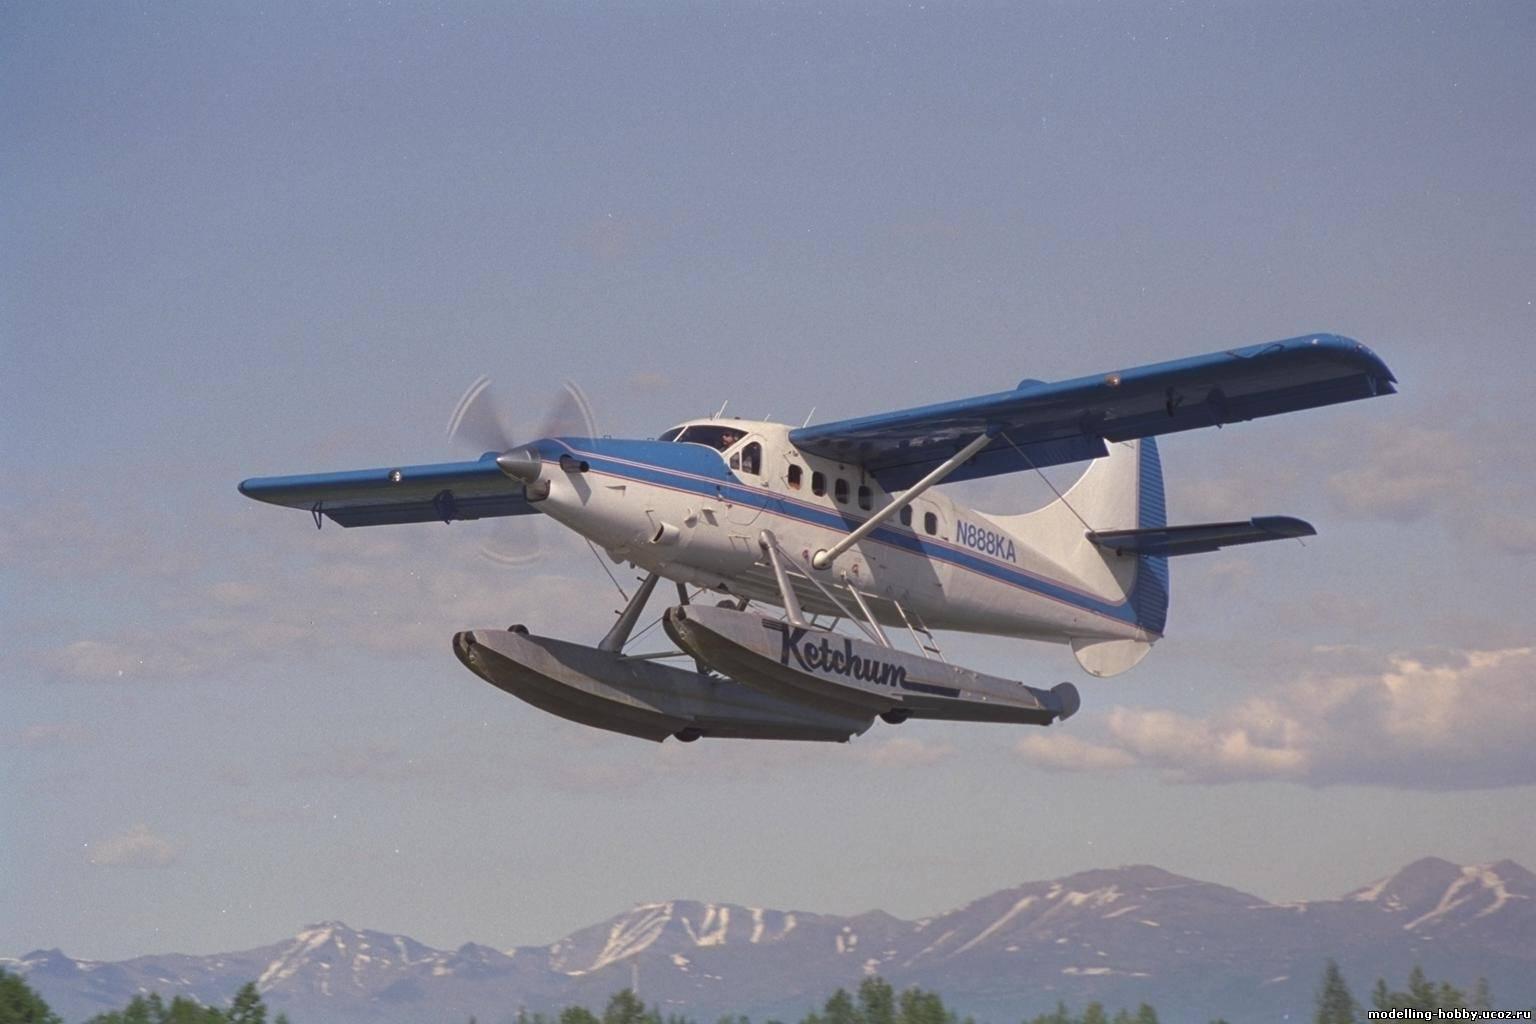 Как сообщают зарубежные СМИ, на взлете в аэропорту Солдотна на Аляске разбился небольшой пассажирский самолет.